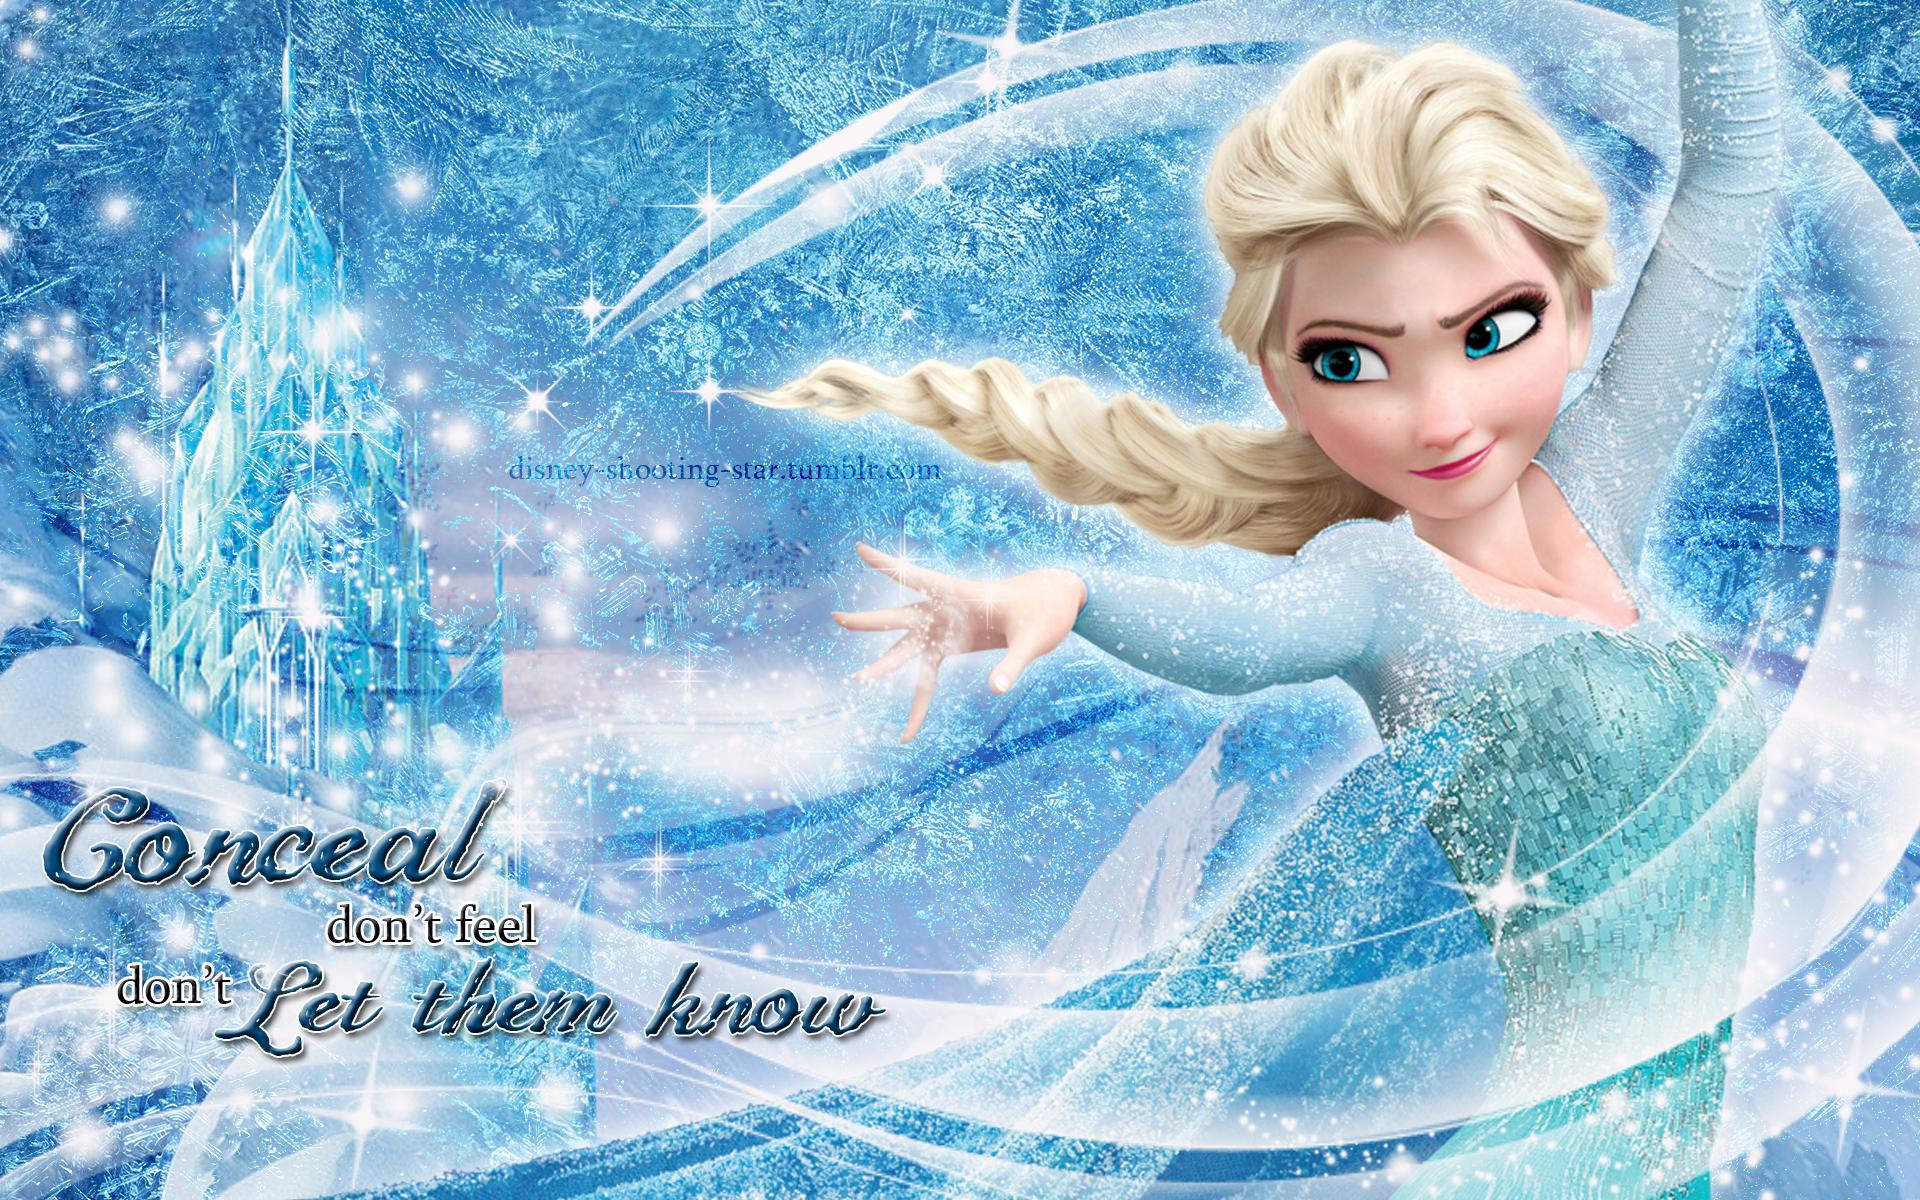 Elsa the Snow Queen Elsa Wallpaper 1920x1200